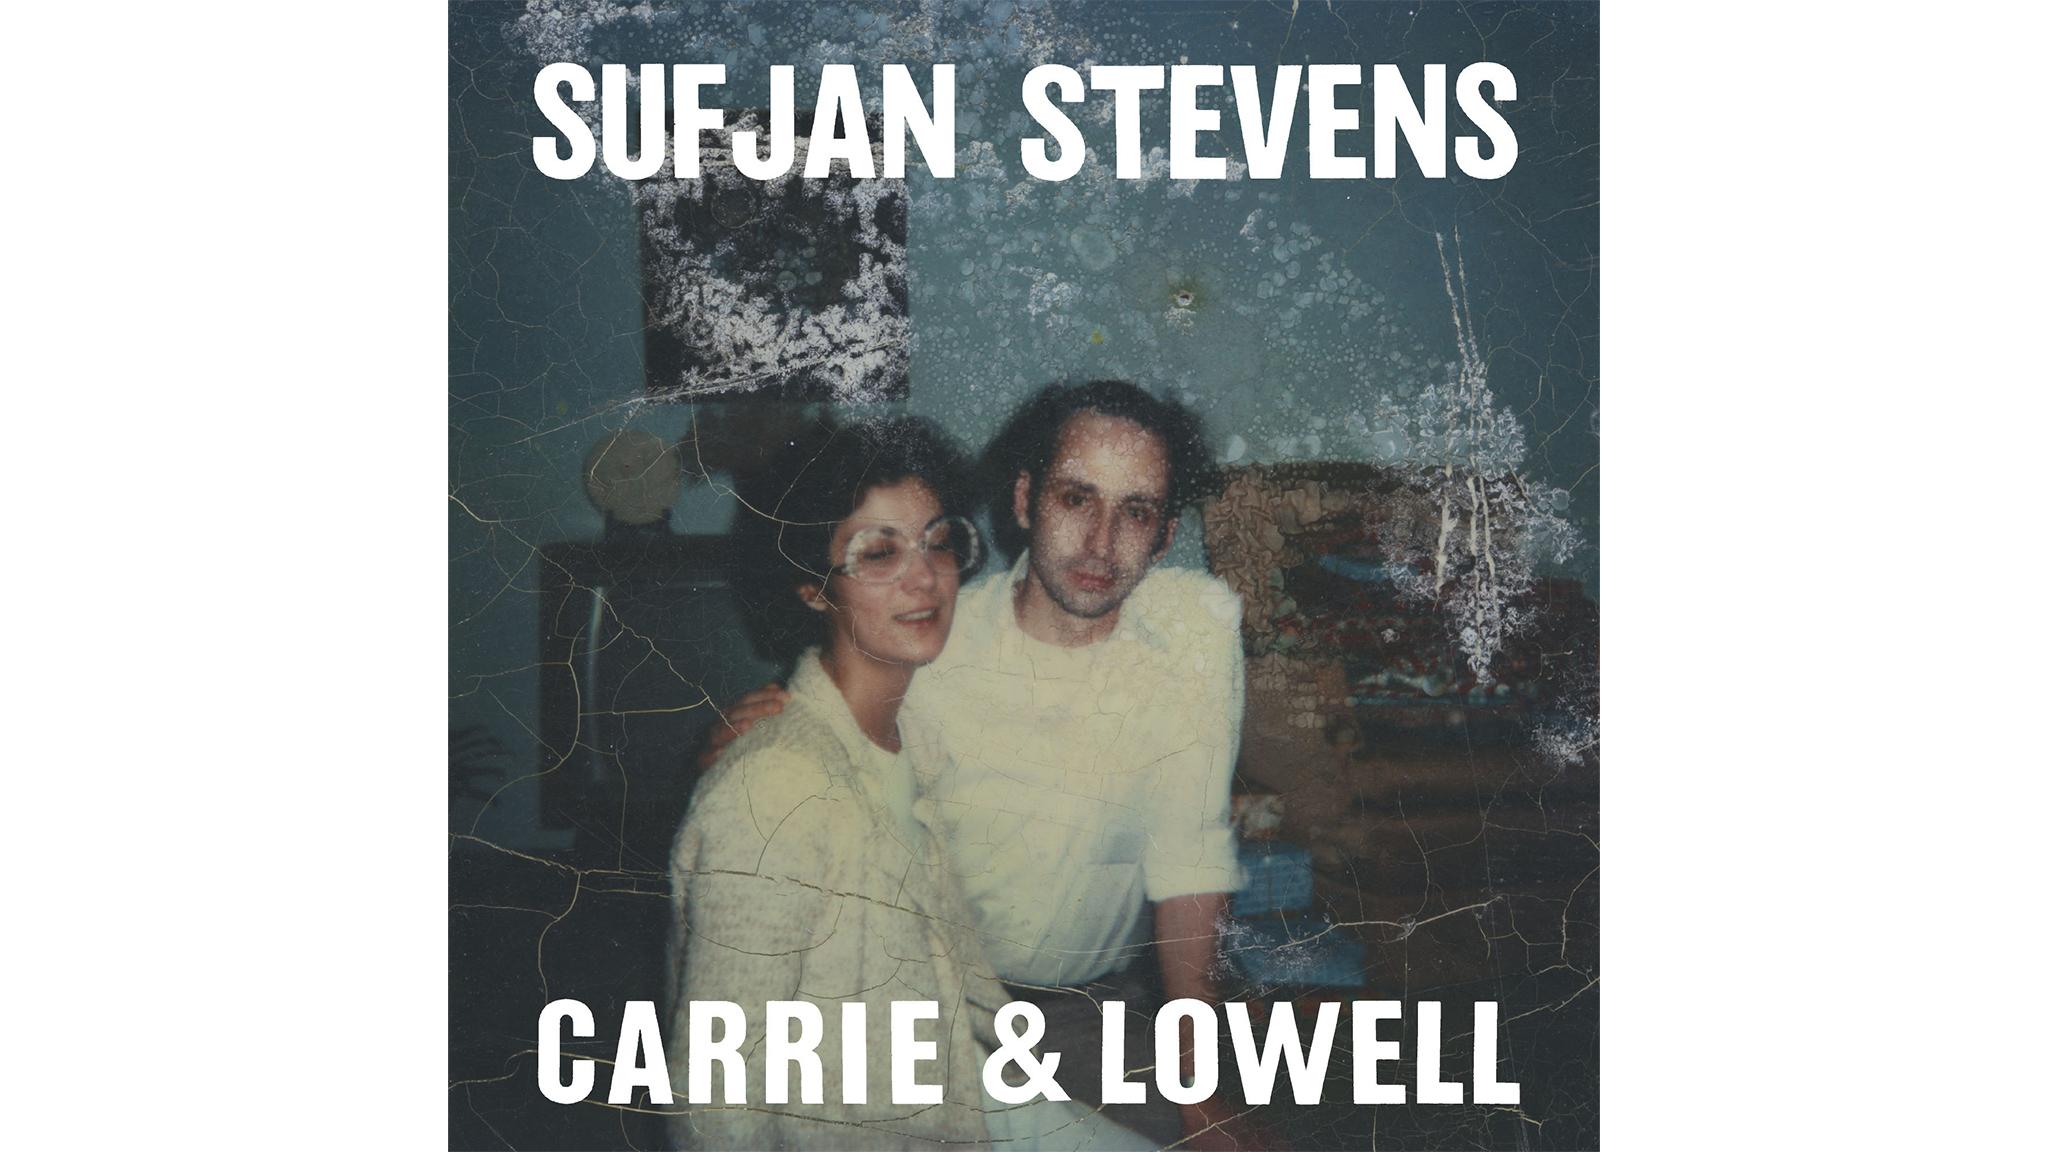 Sufjan Stevens – 'Carrie & Lowell'